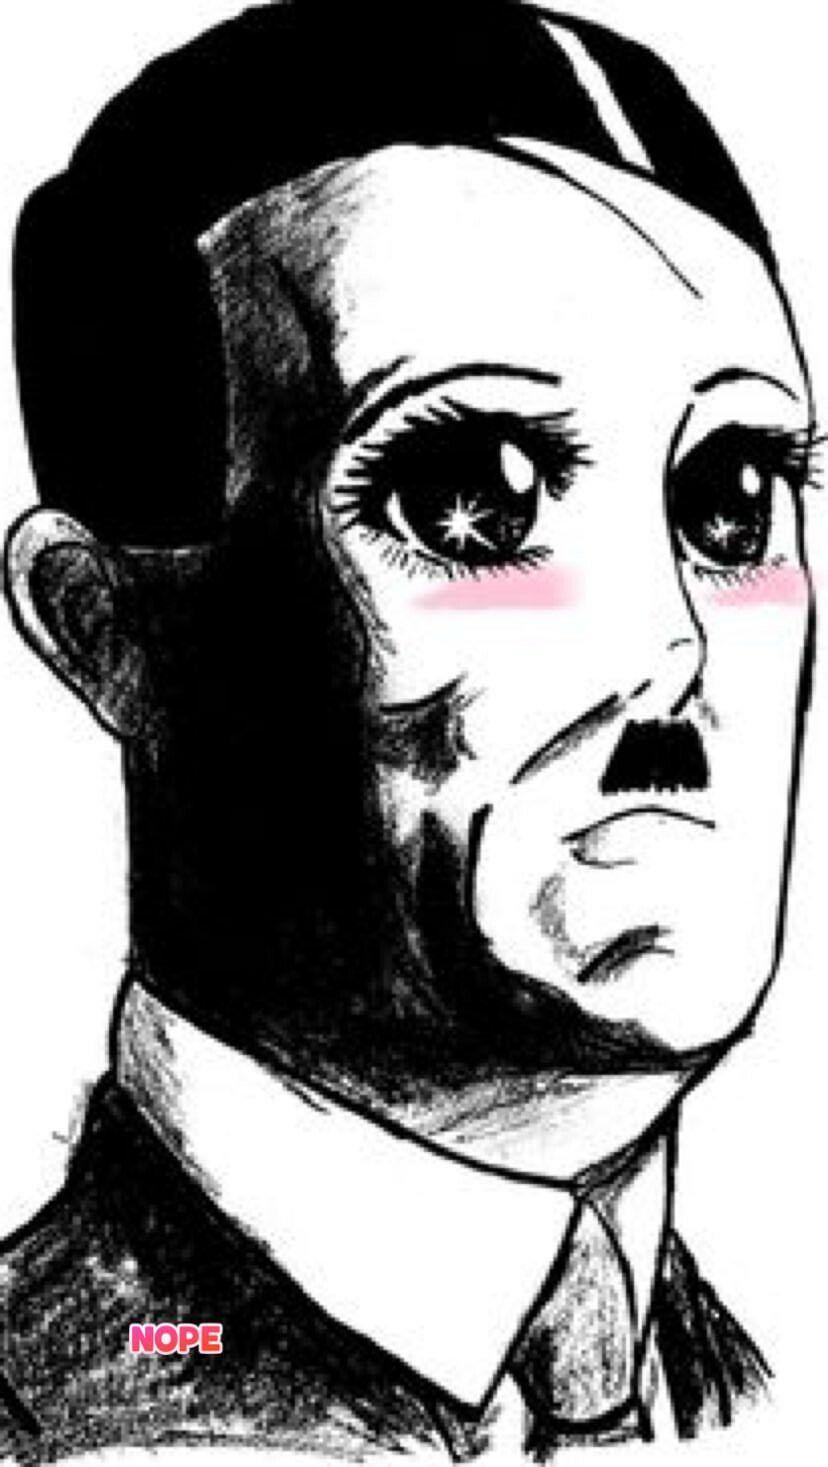 Anime Hitler